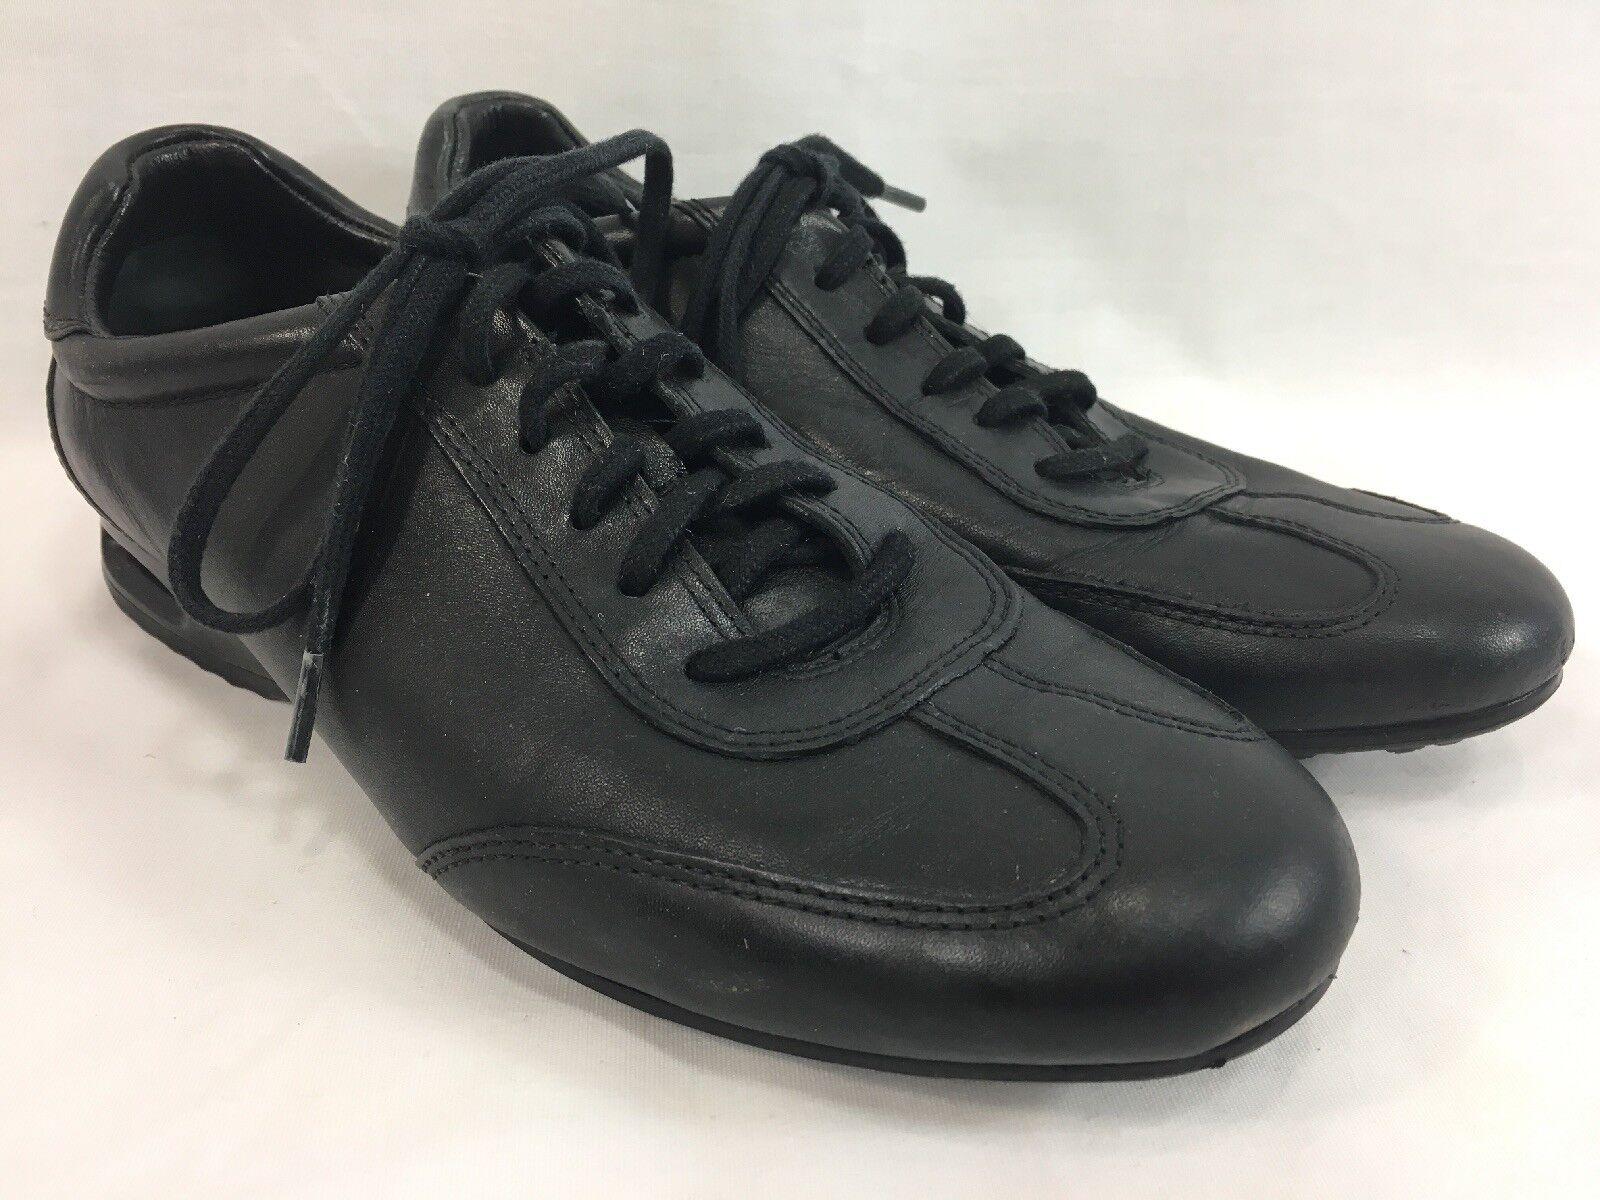 Zapatos de cuero Cole Haan Tenis Deportivas mujeres 8 negro negro negro encaje arriba  Disfruta de un 50% de descuento.